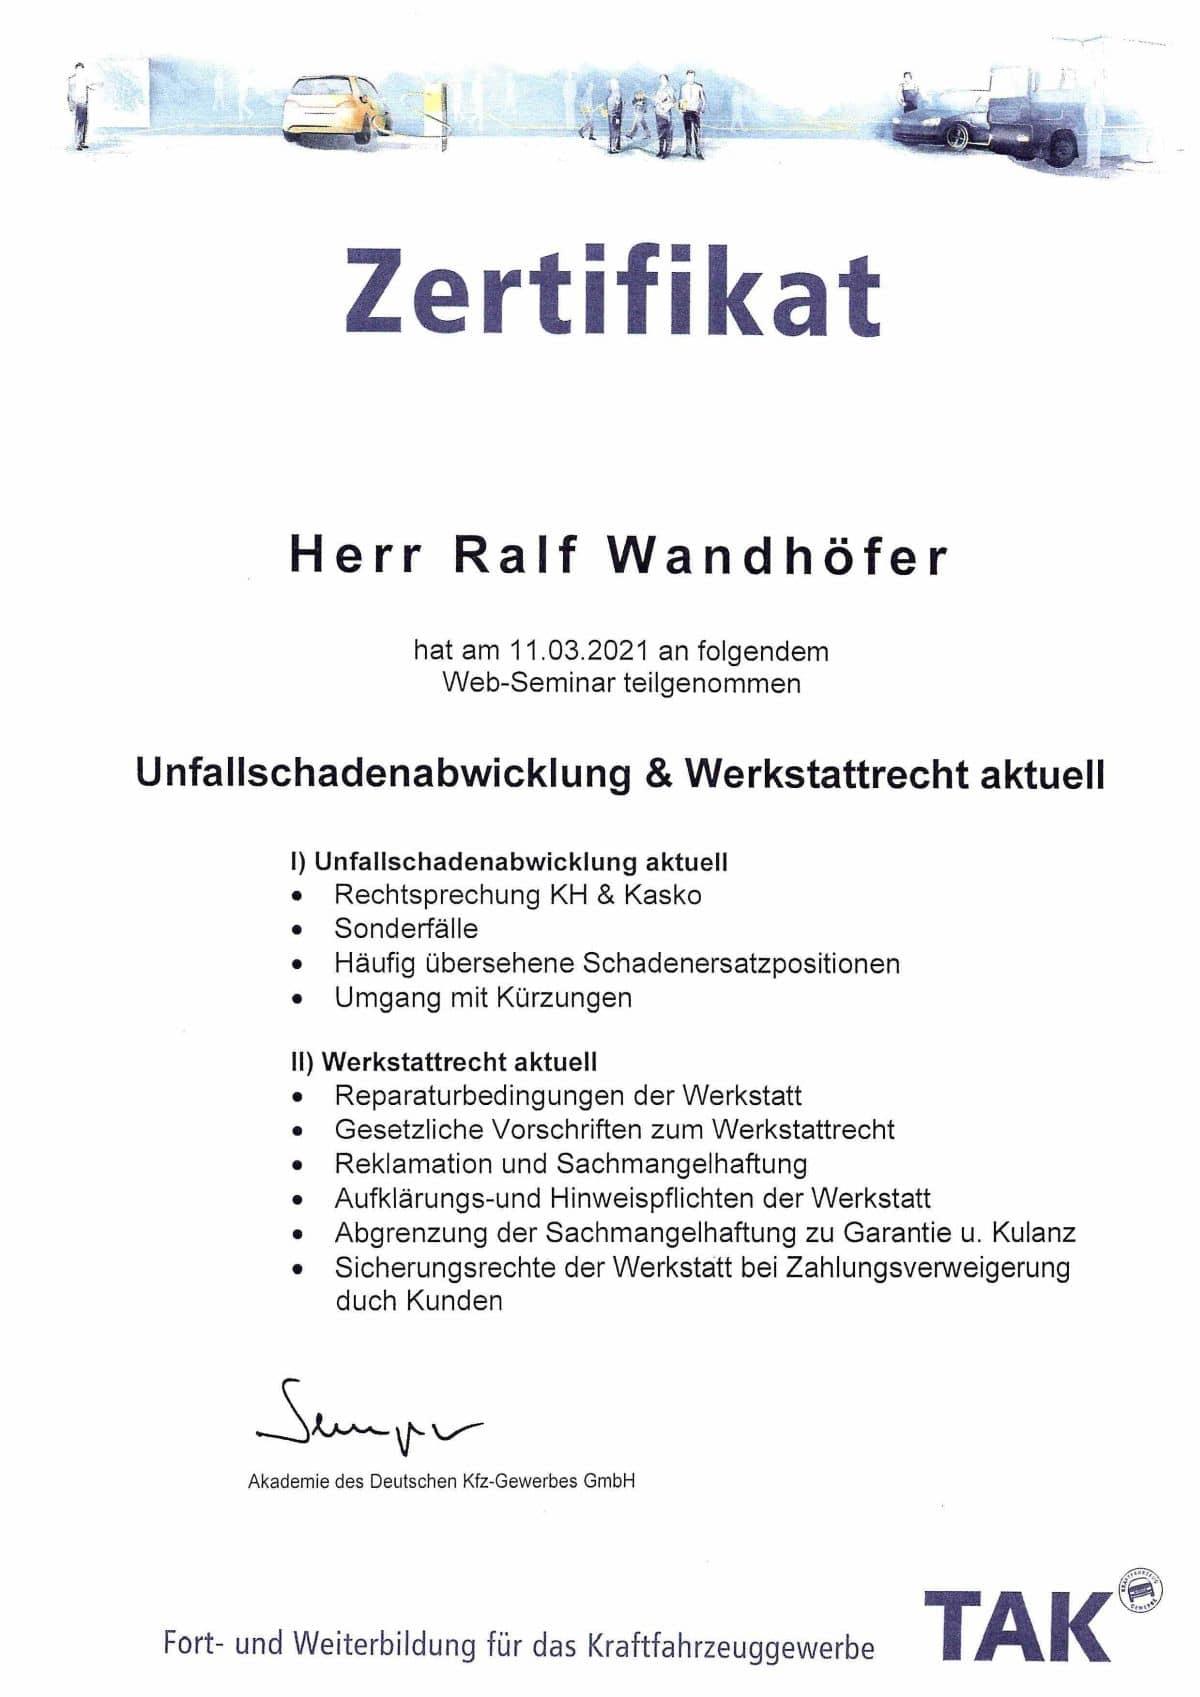 Wandhoefer_Urkunde_01